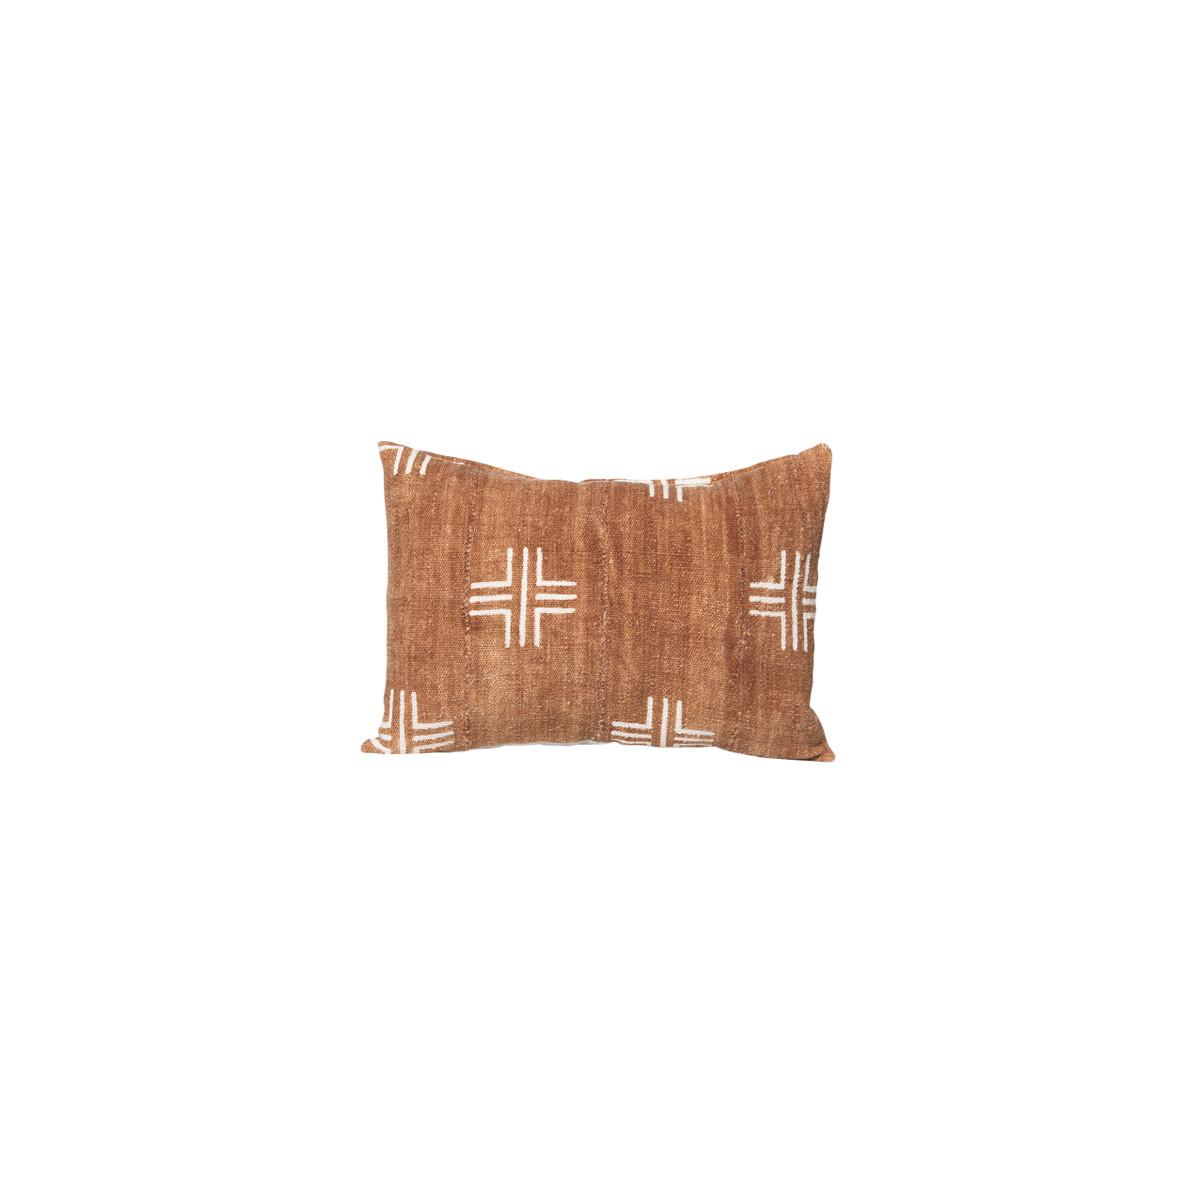 Taos Lumbar - Mud Cloth Rust Cross Pillow 14 x 20 - Front